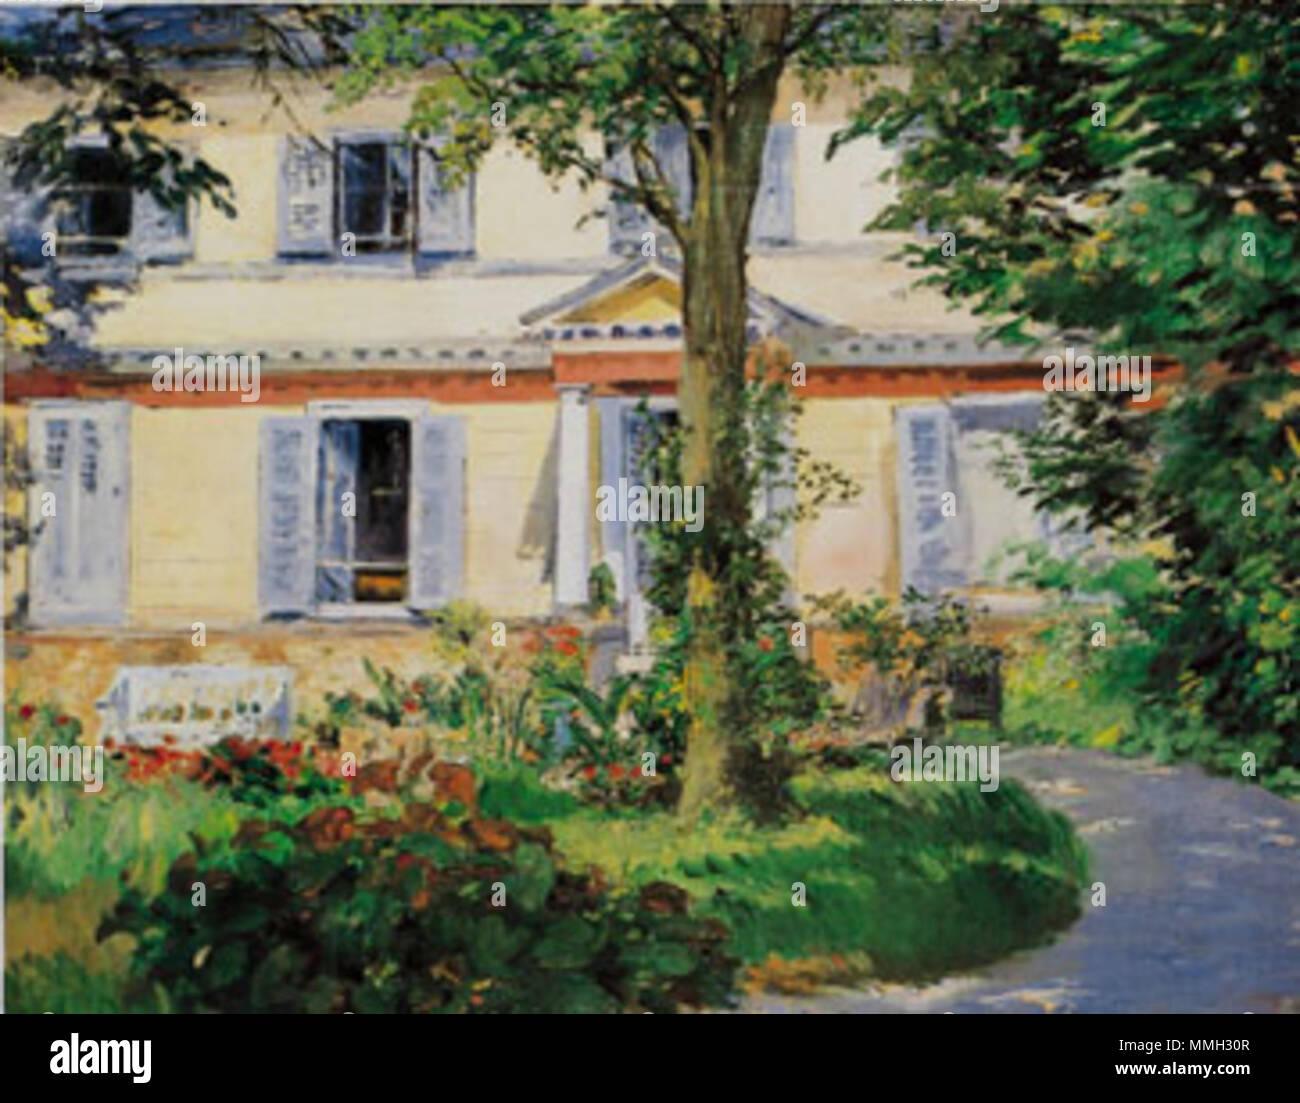 French maison à rueil house in rueil 1882 edouar manet la maison de rueil